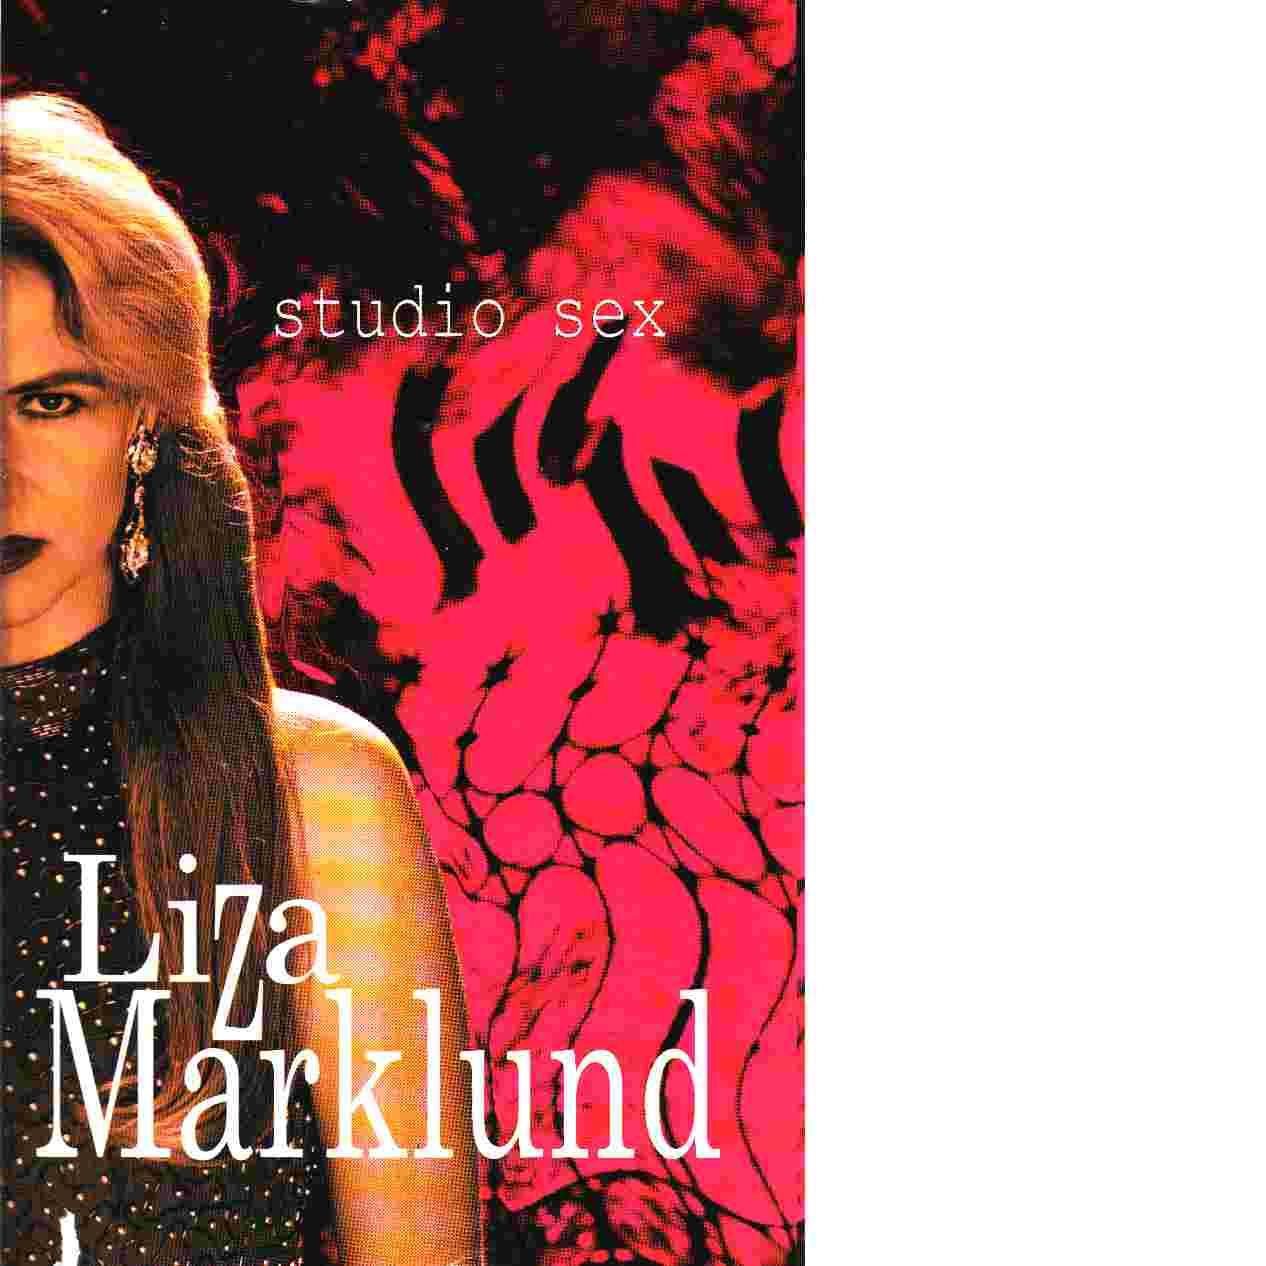 Studio sex - Marklund, Liza